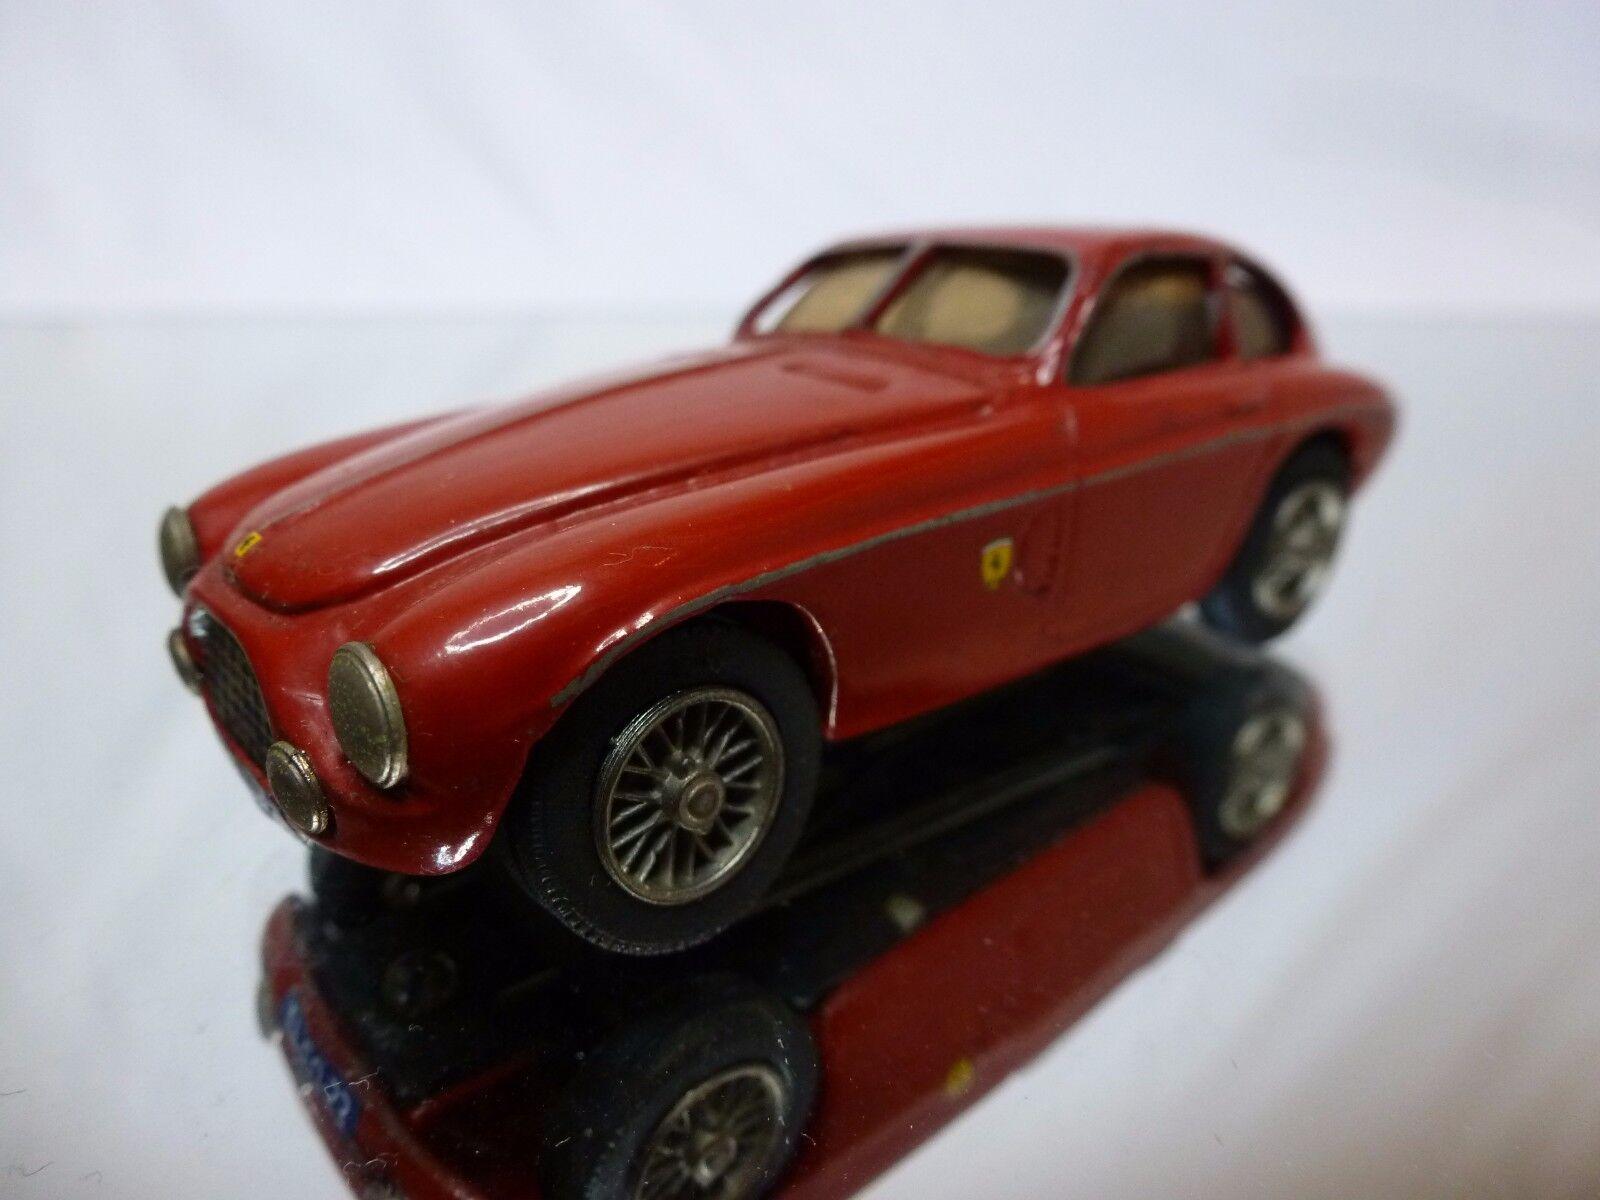 merce di alta qualità e servizio conveniente e onesto METAL METAL METAL KIT (built) FERRARI 225 1952 - rosso 1 43 - GOOD CONDITION  negozio di moda in vendita